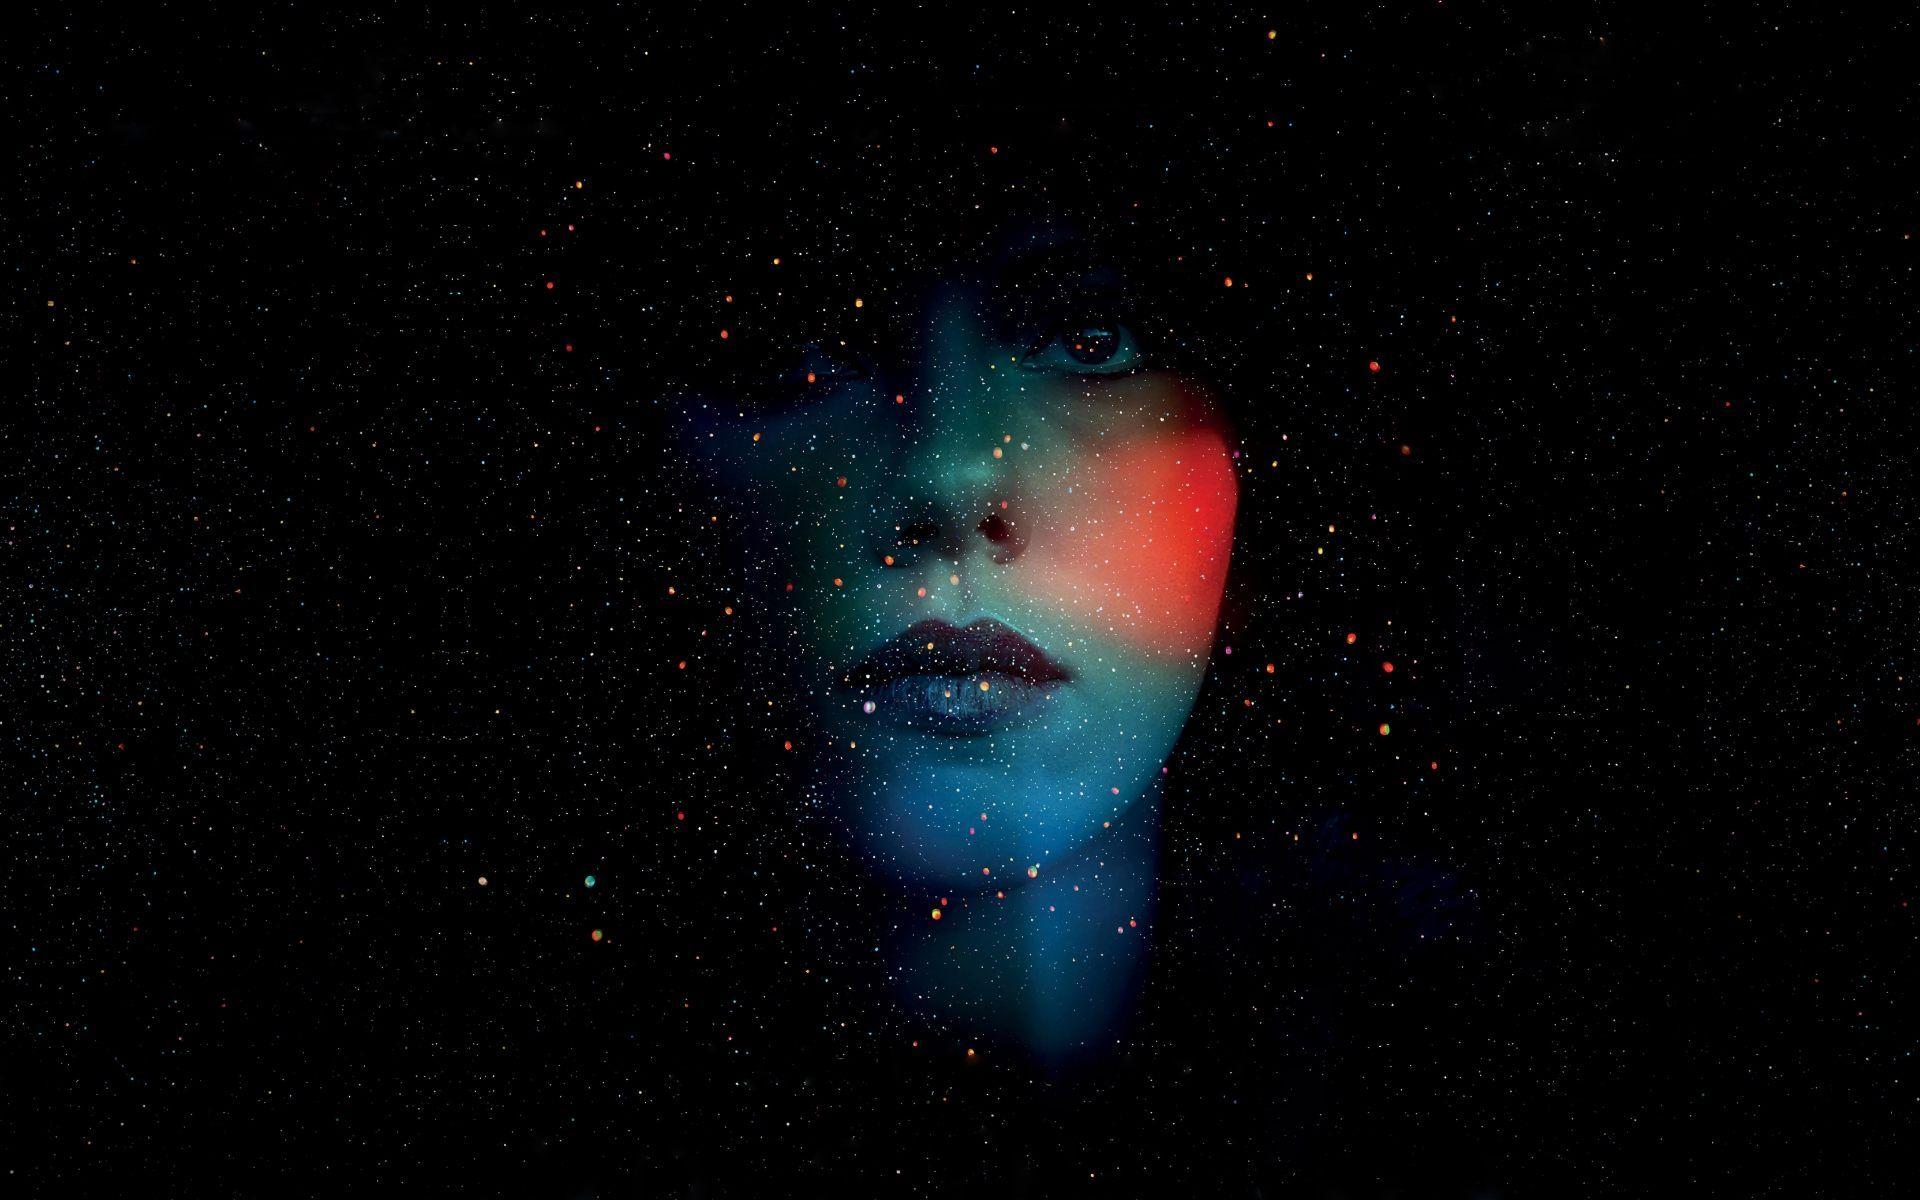 Dark Girl Face Black Wallpaper Gfxhive Abstract Wallpaper Hd Abstract Wallpapers 4k Background